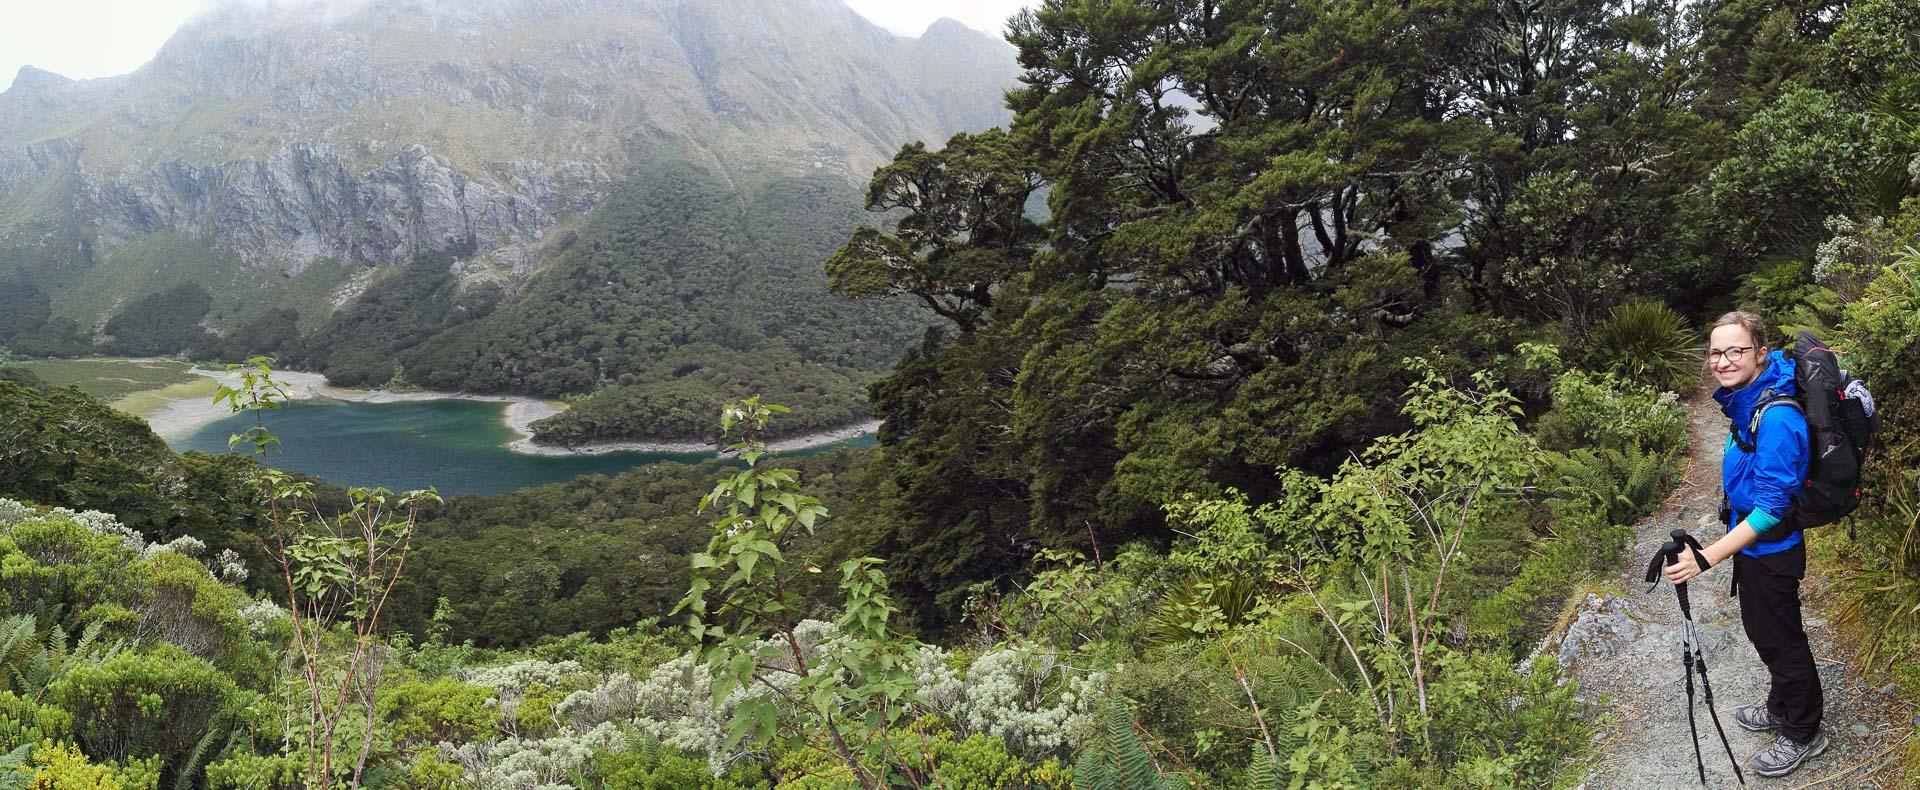 Ausblick auf Lake Mackenzie